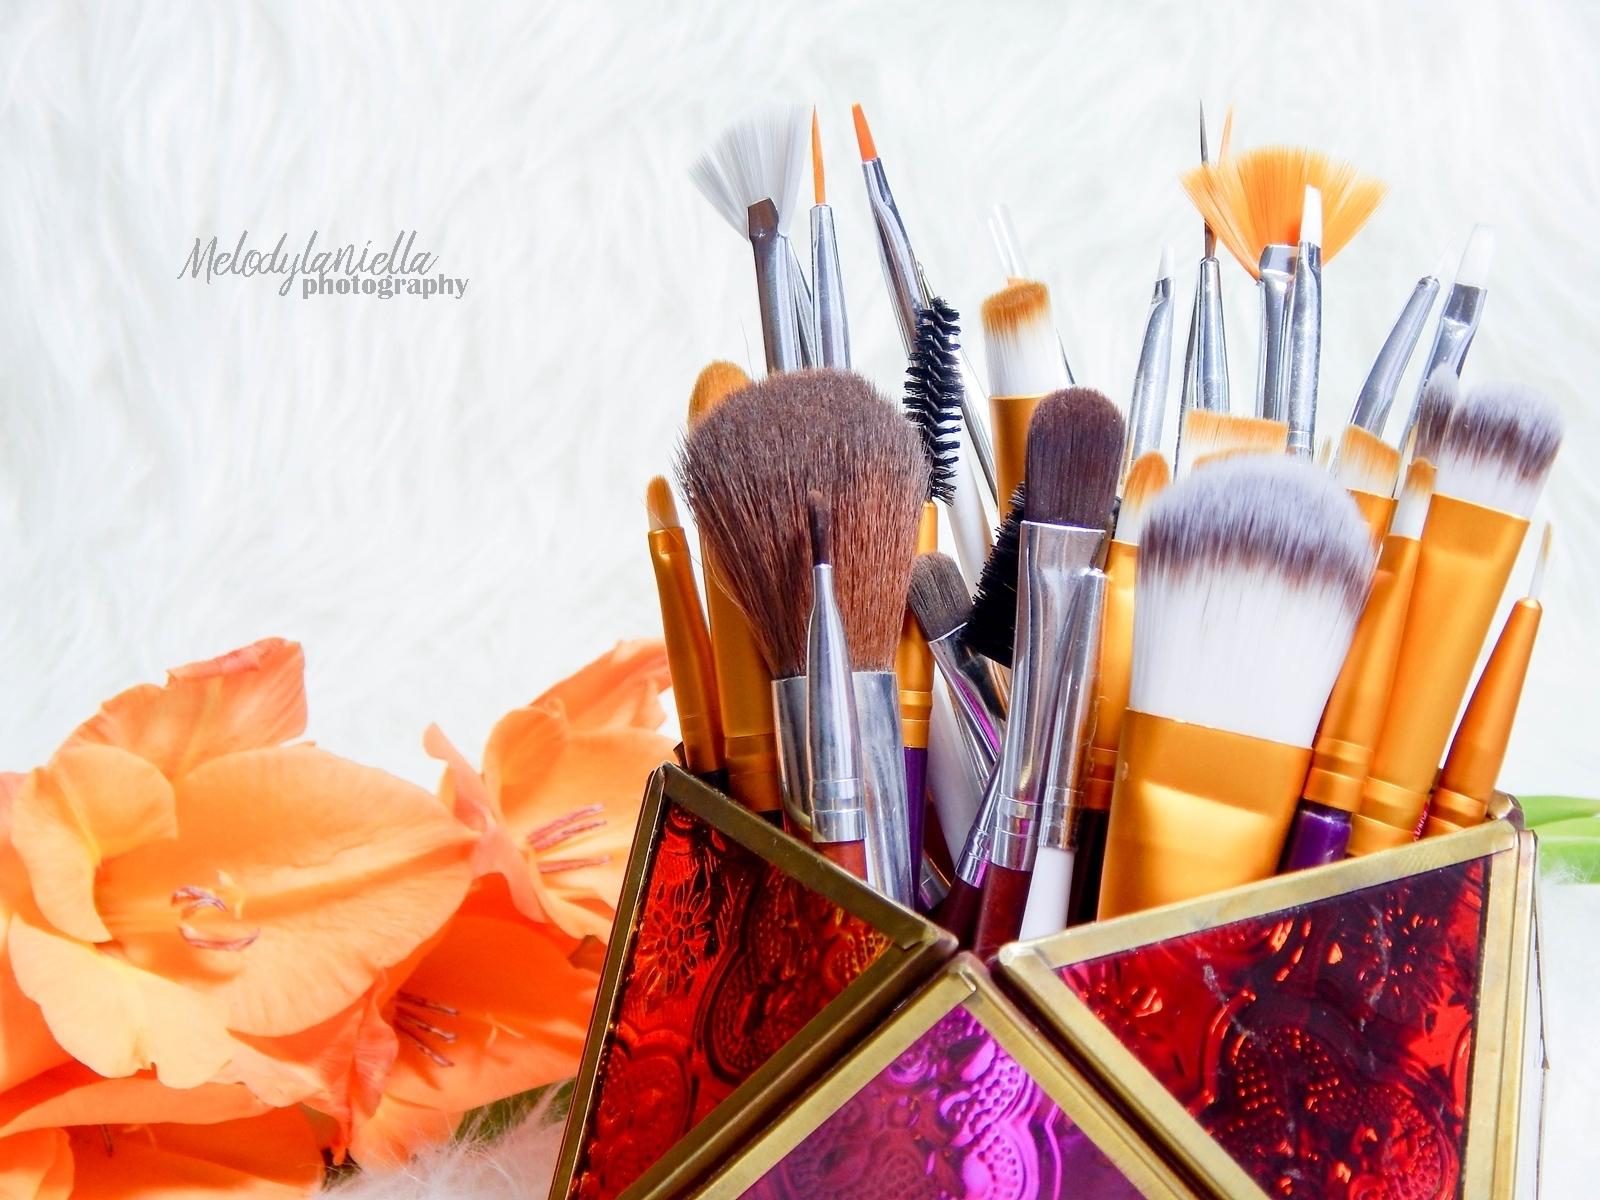 002czy warto kupować tanie pędzle do makijażu chińskie pędzle gamiss